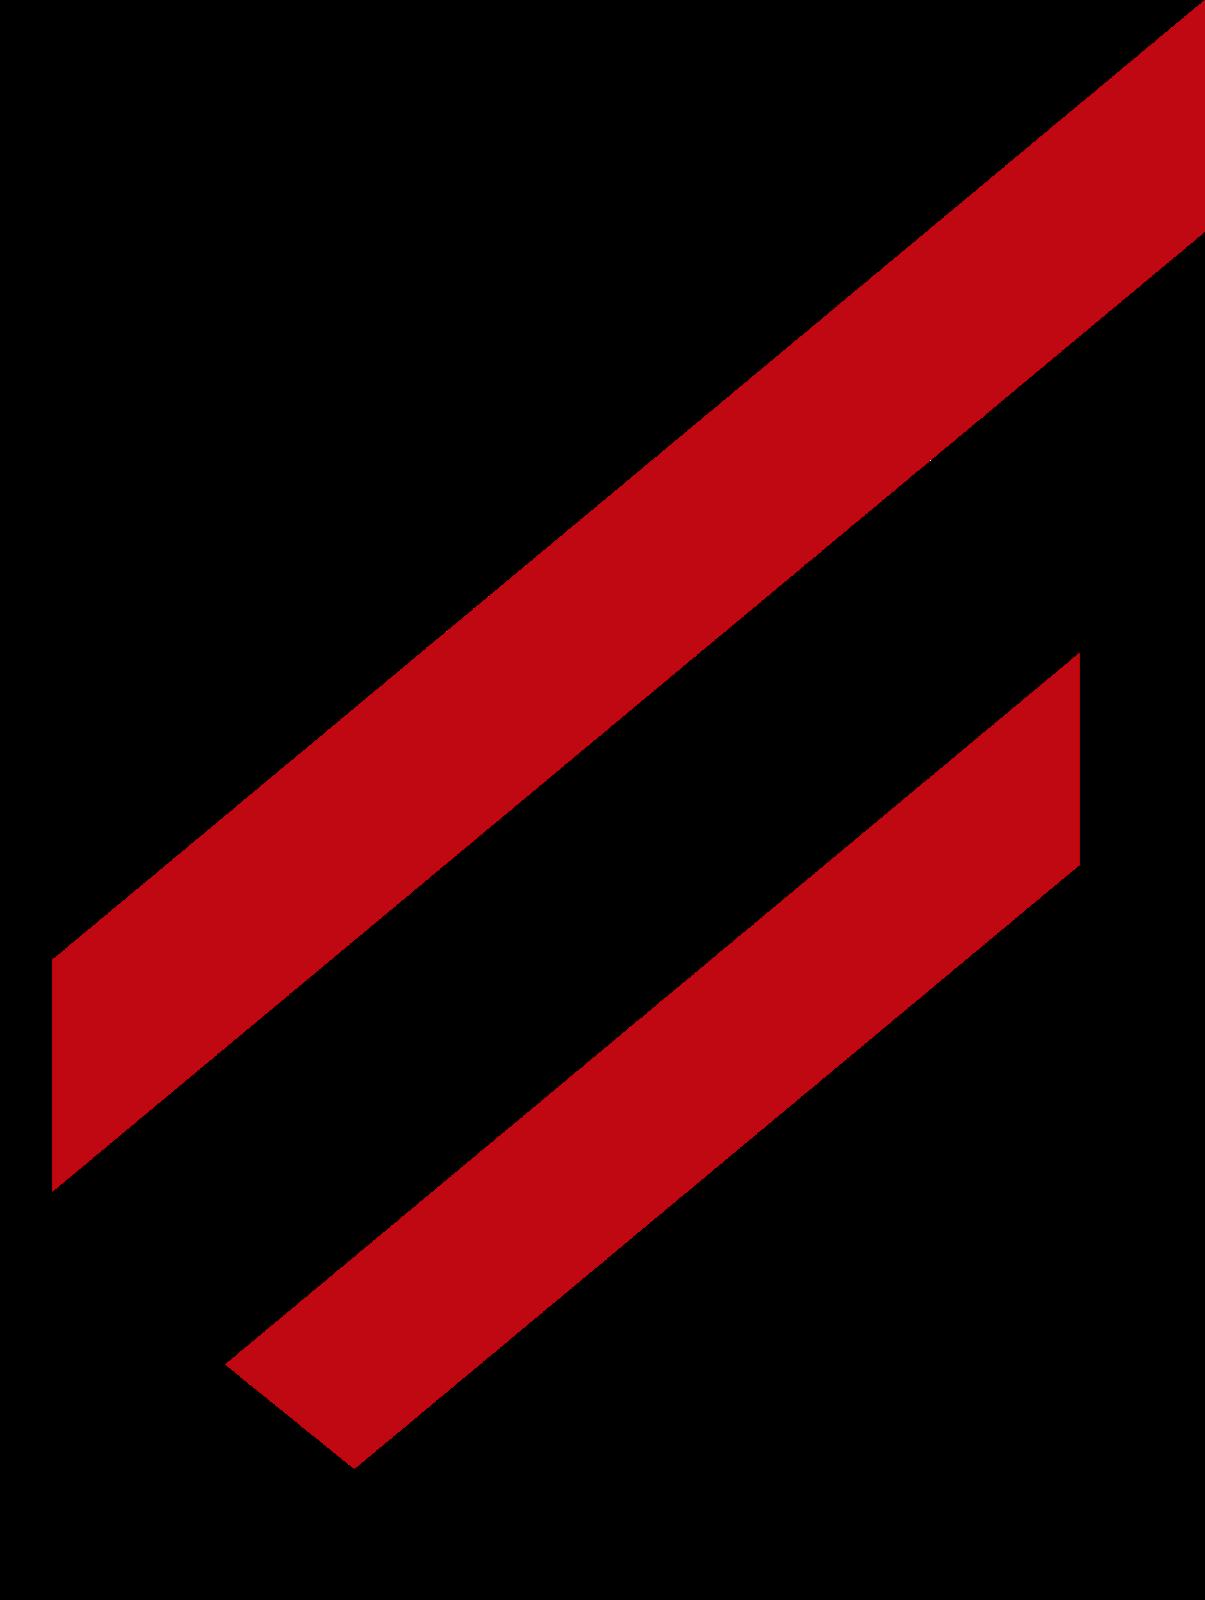 Pin de herry zhang em Football Logo Atletico paranaense